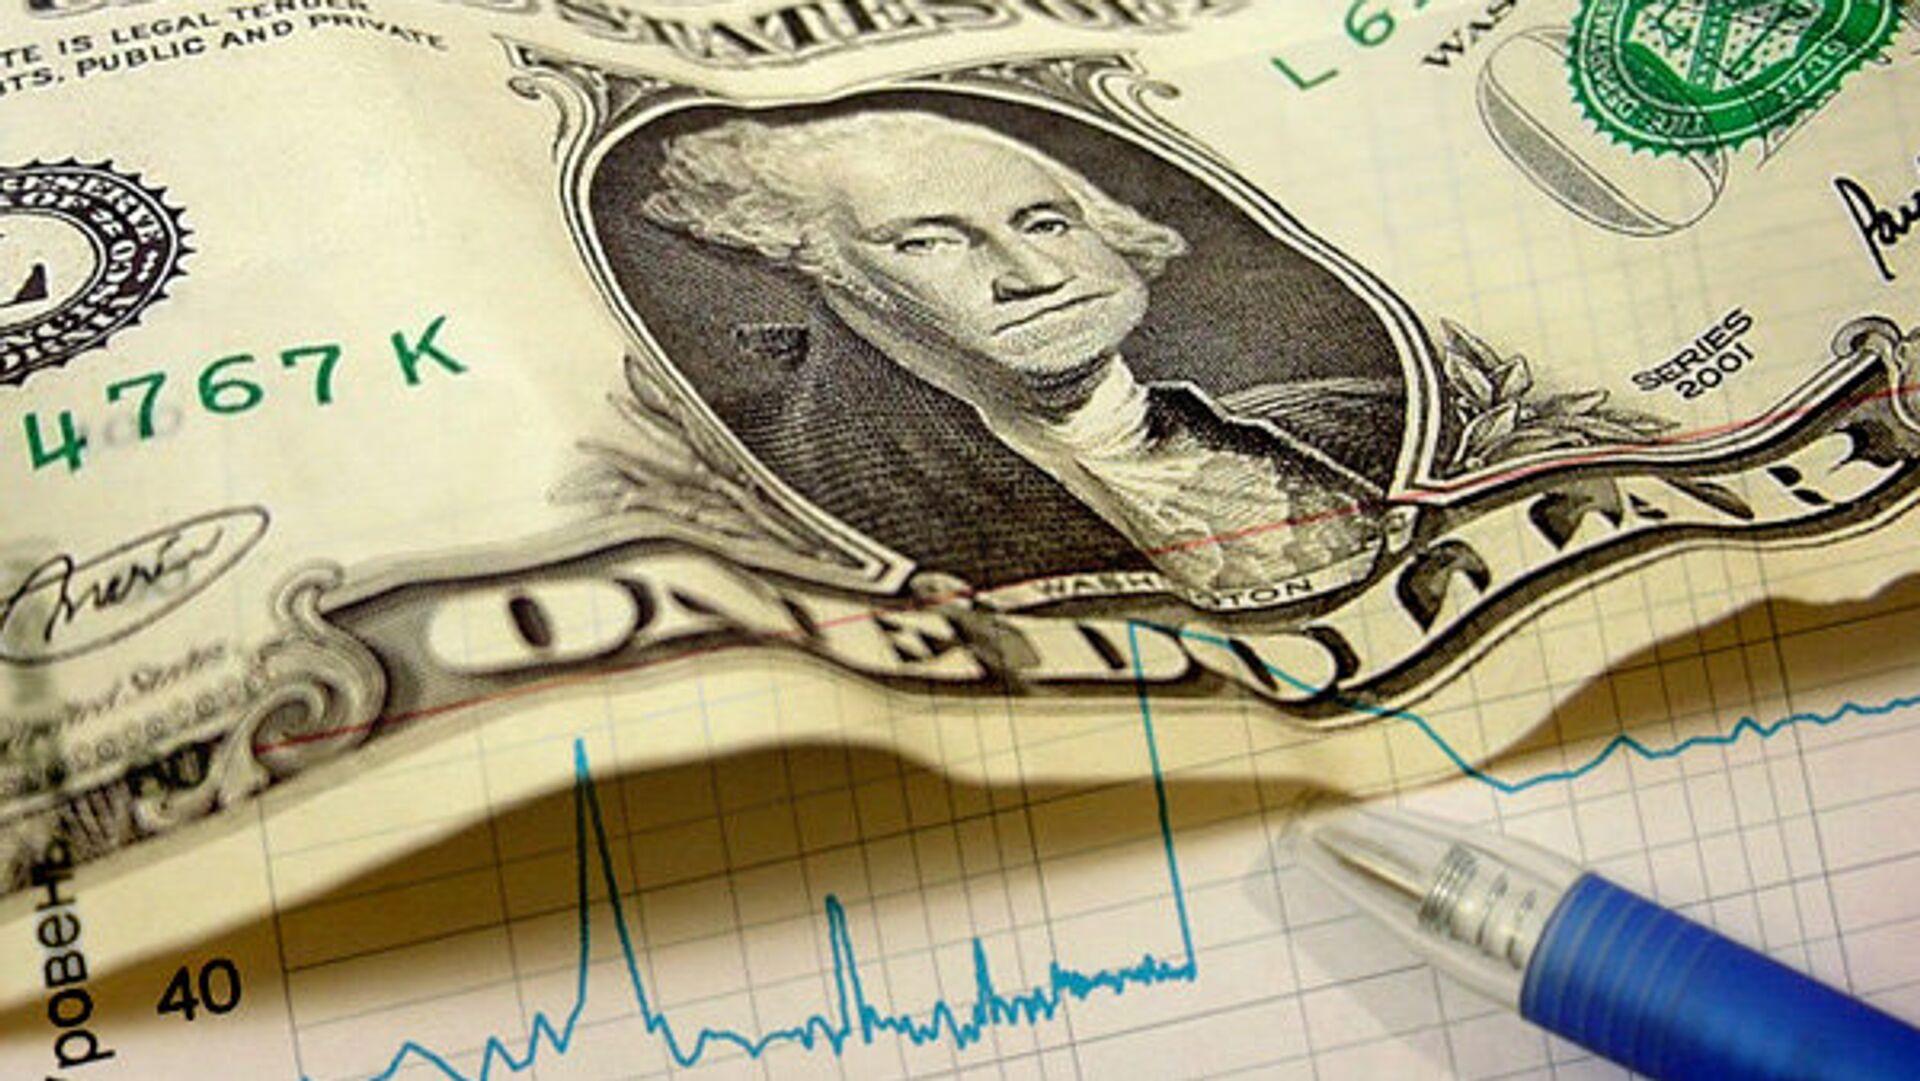 Доллар, деньги, график, биржа, акции, облигации, снижение, увеличение - РИА Новости, 1920, 01.02.2021